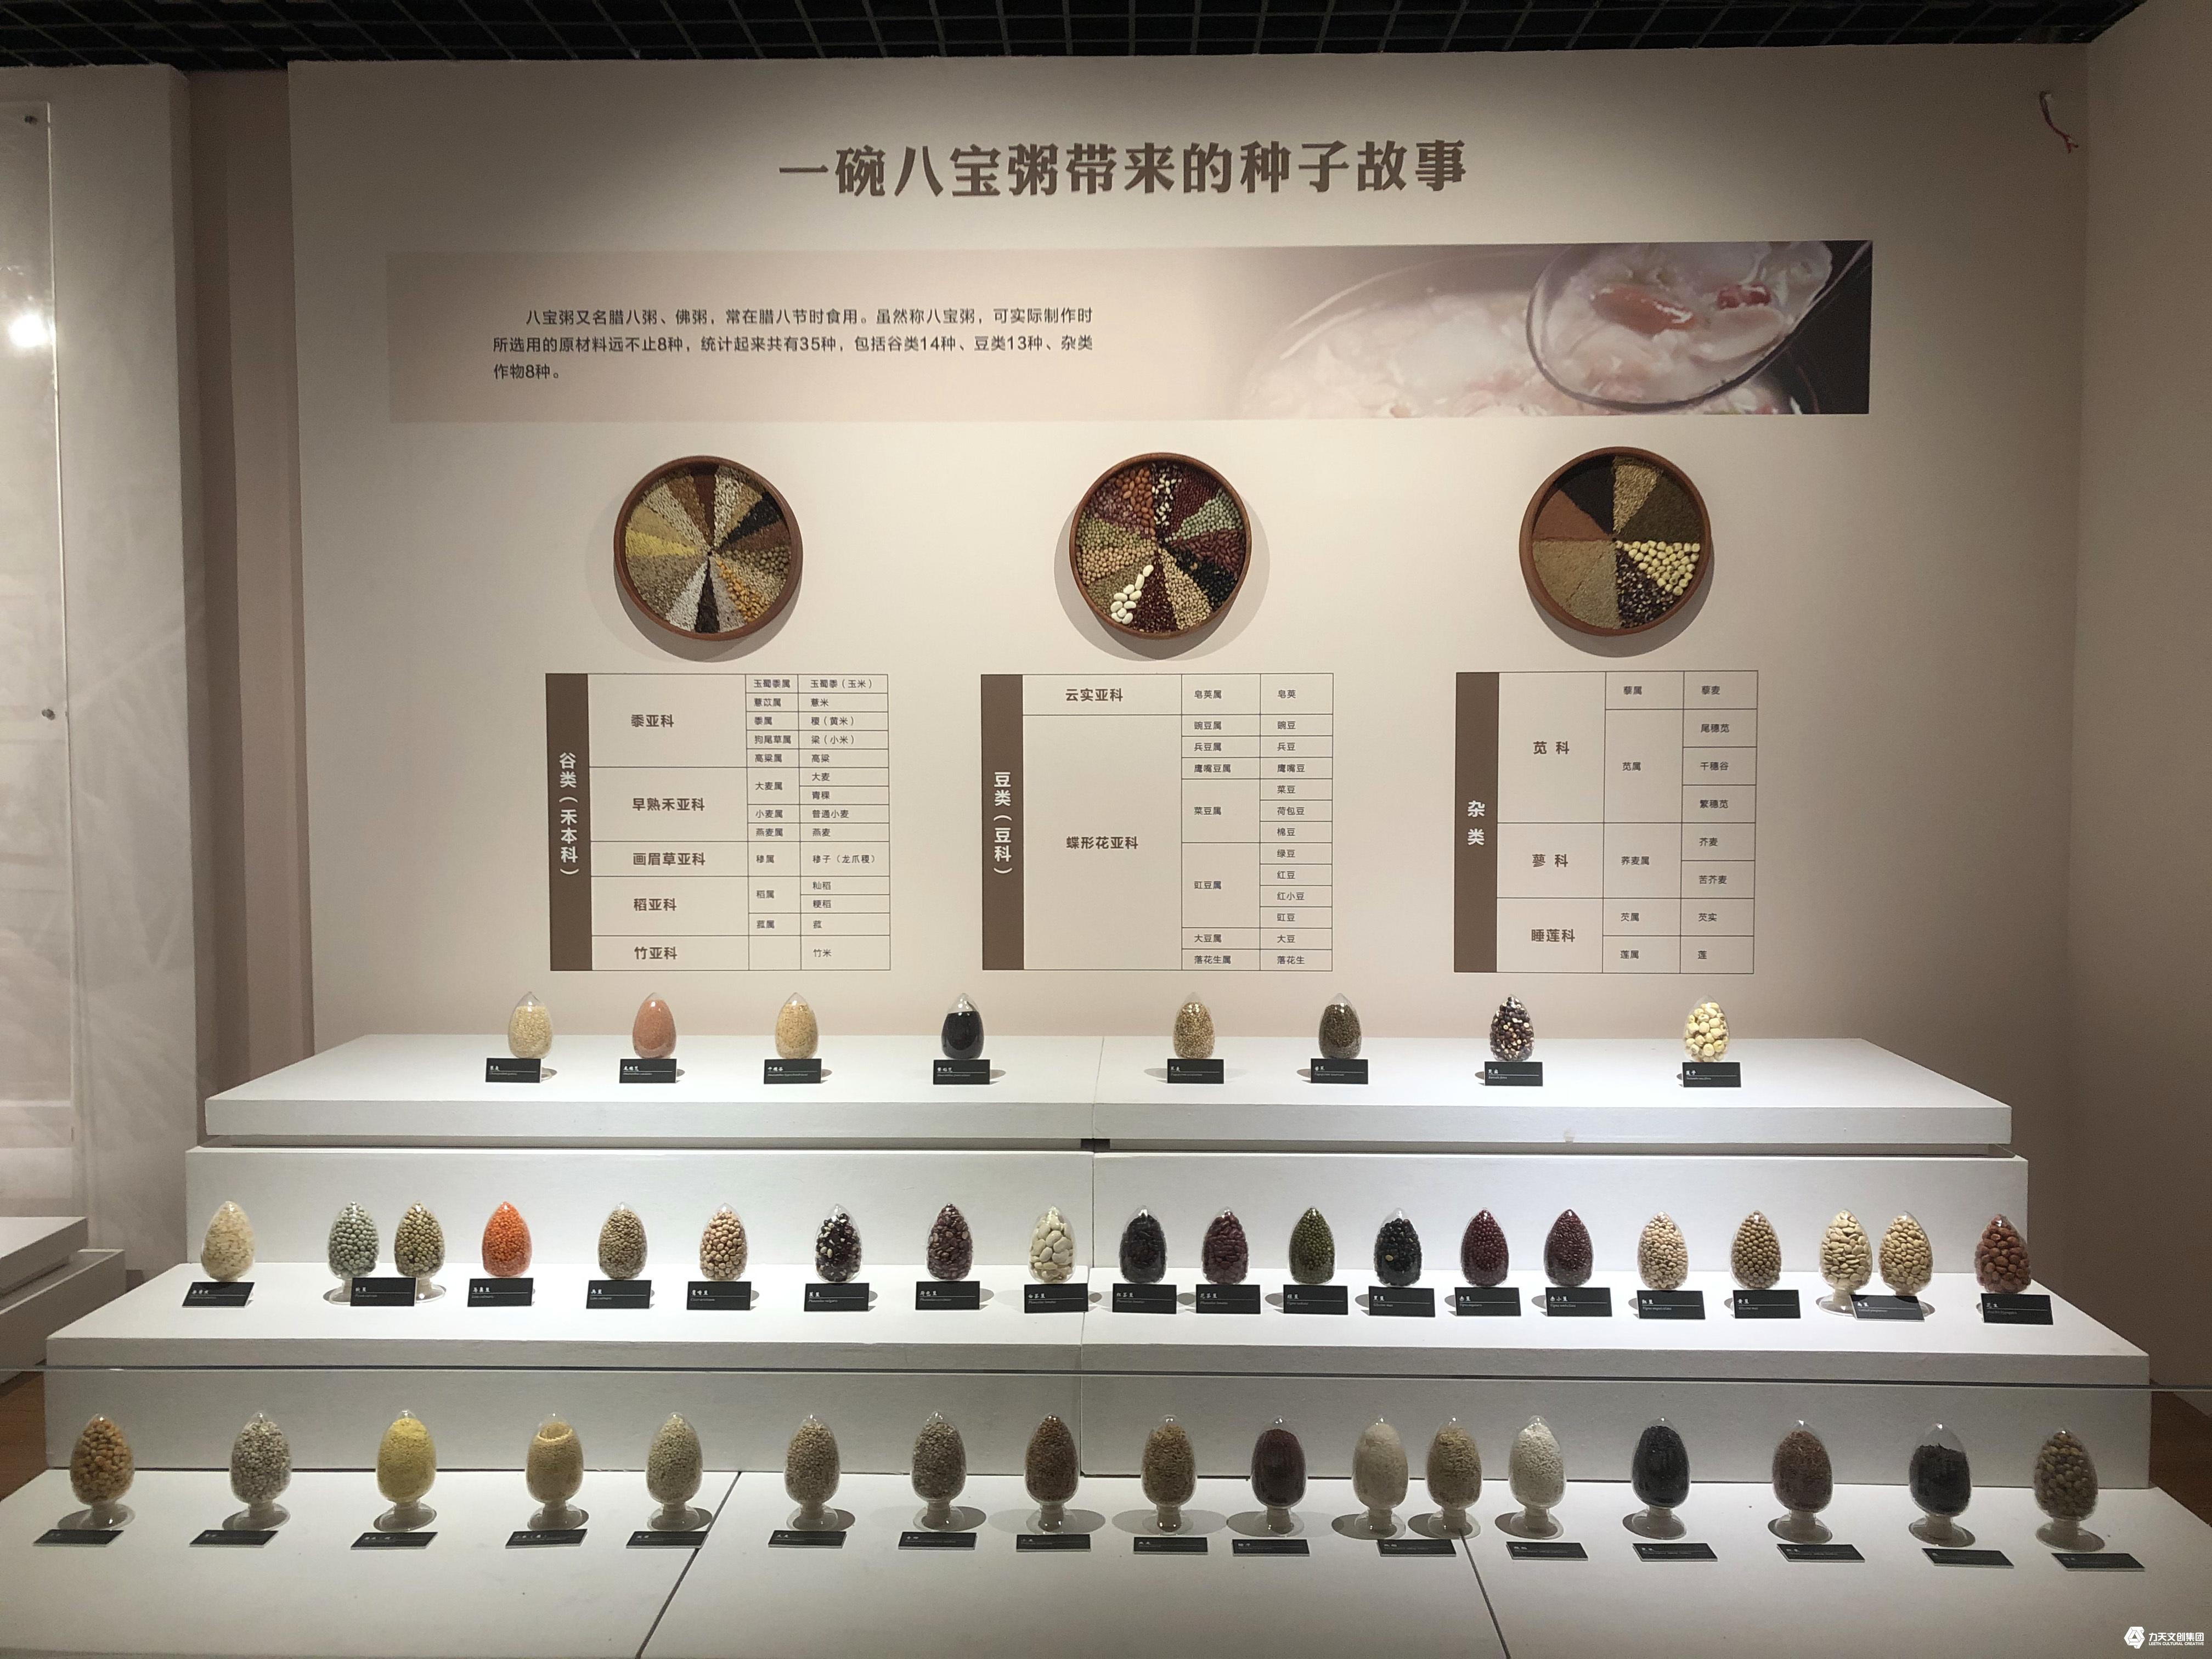 华南农业博物馆   农业博物馆  华南农业文明   新型教育空间  根植实物标本展品